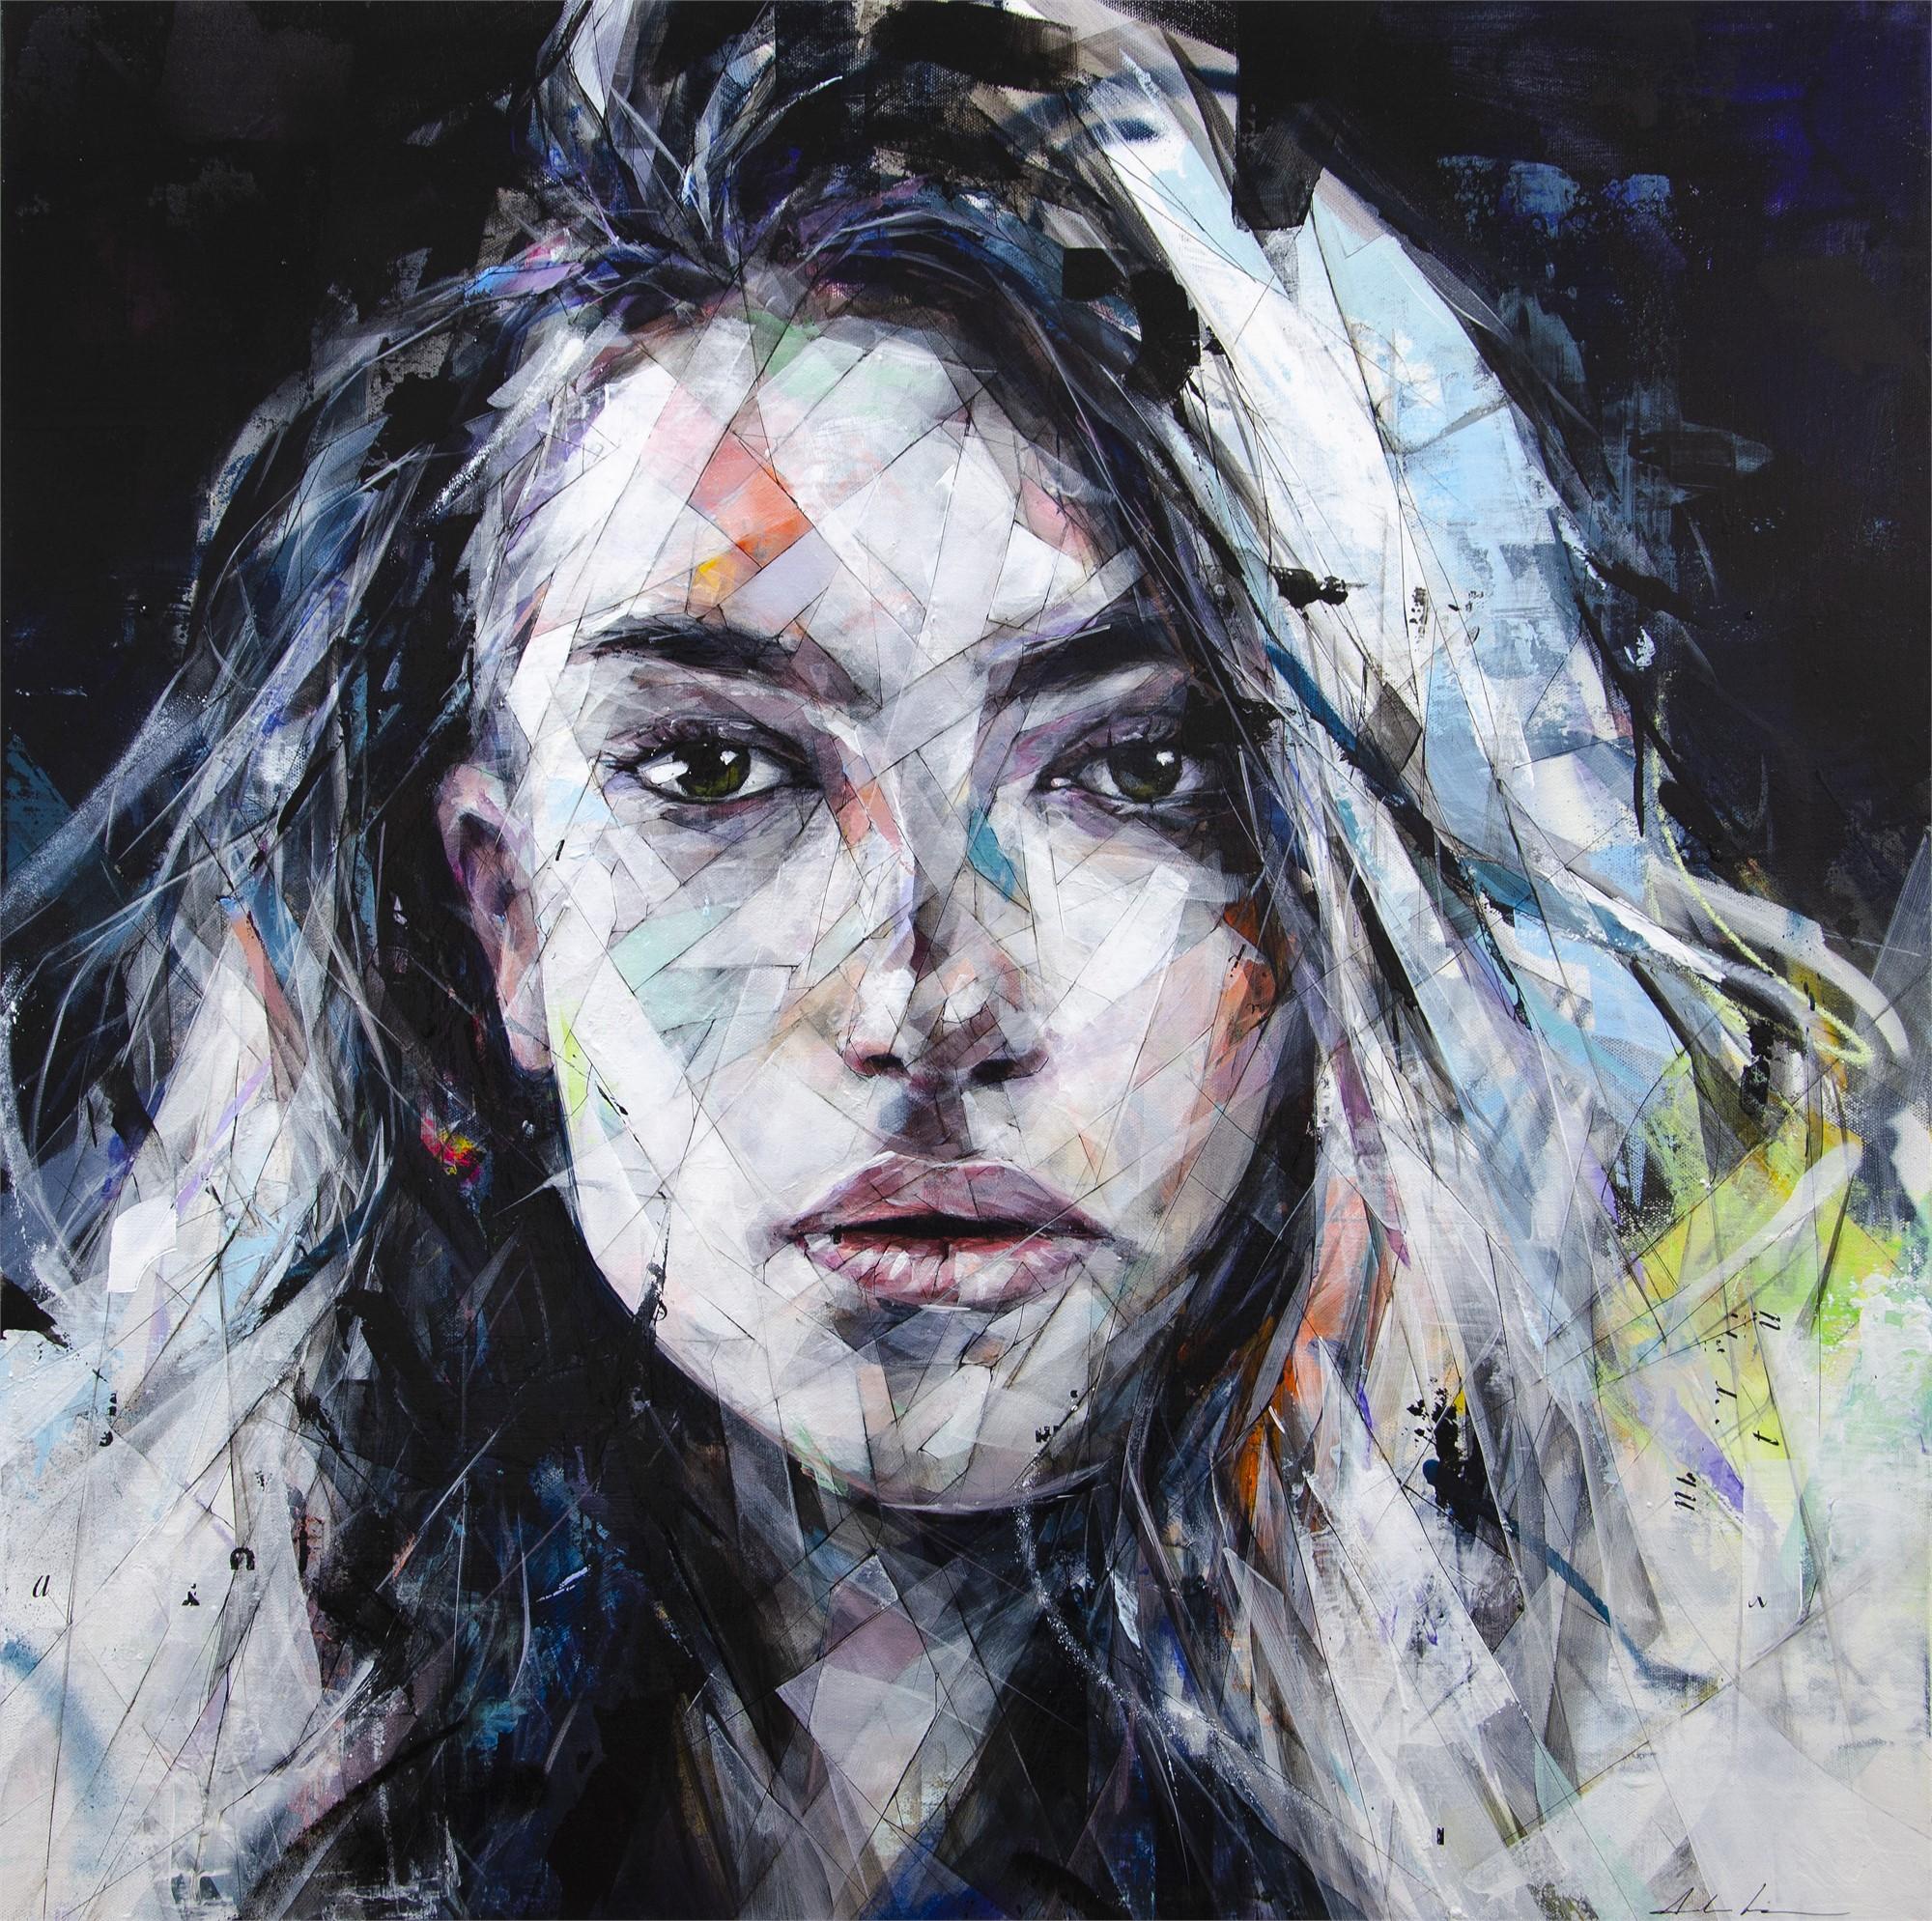 Emanate by Aiden Kringen